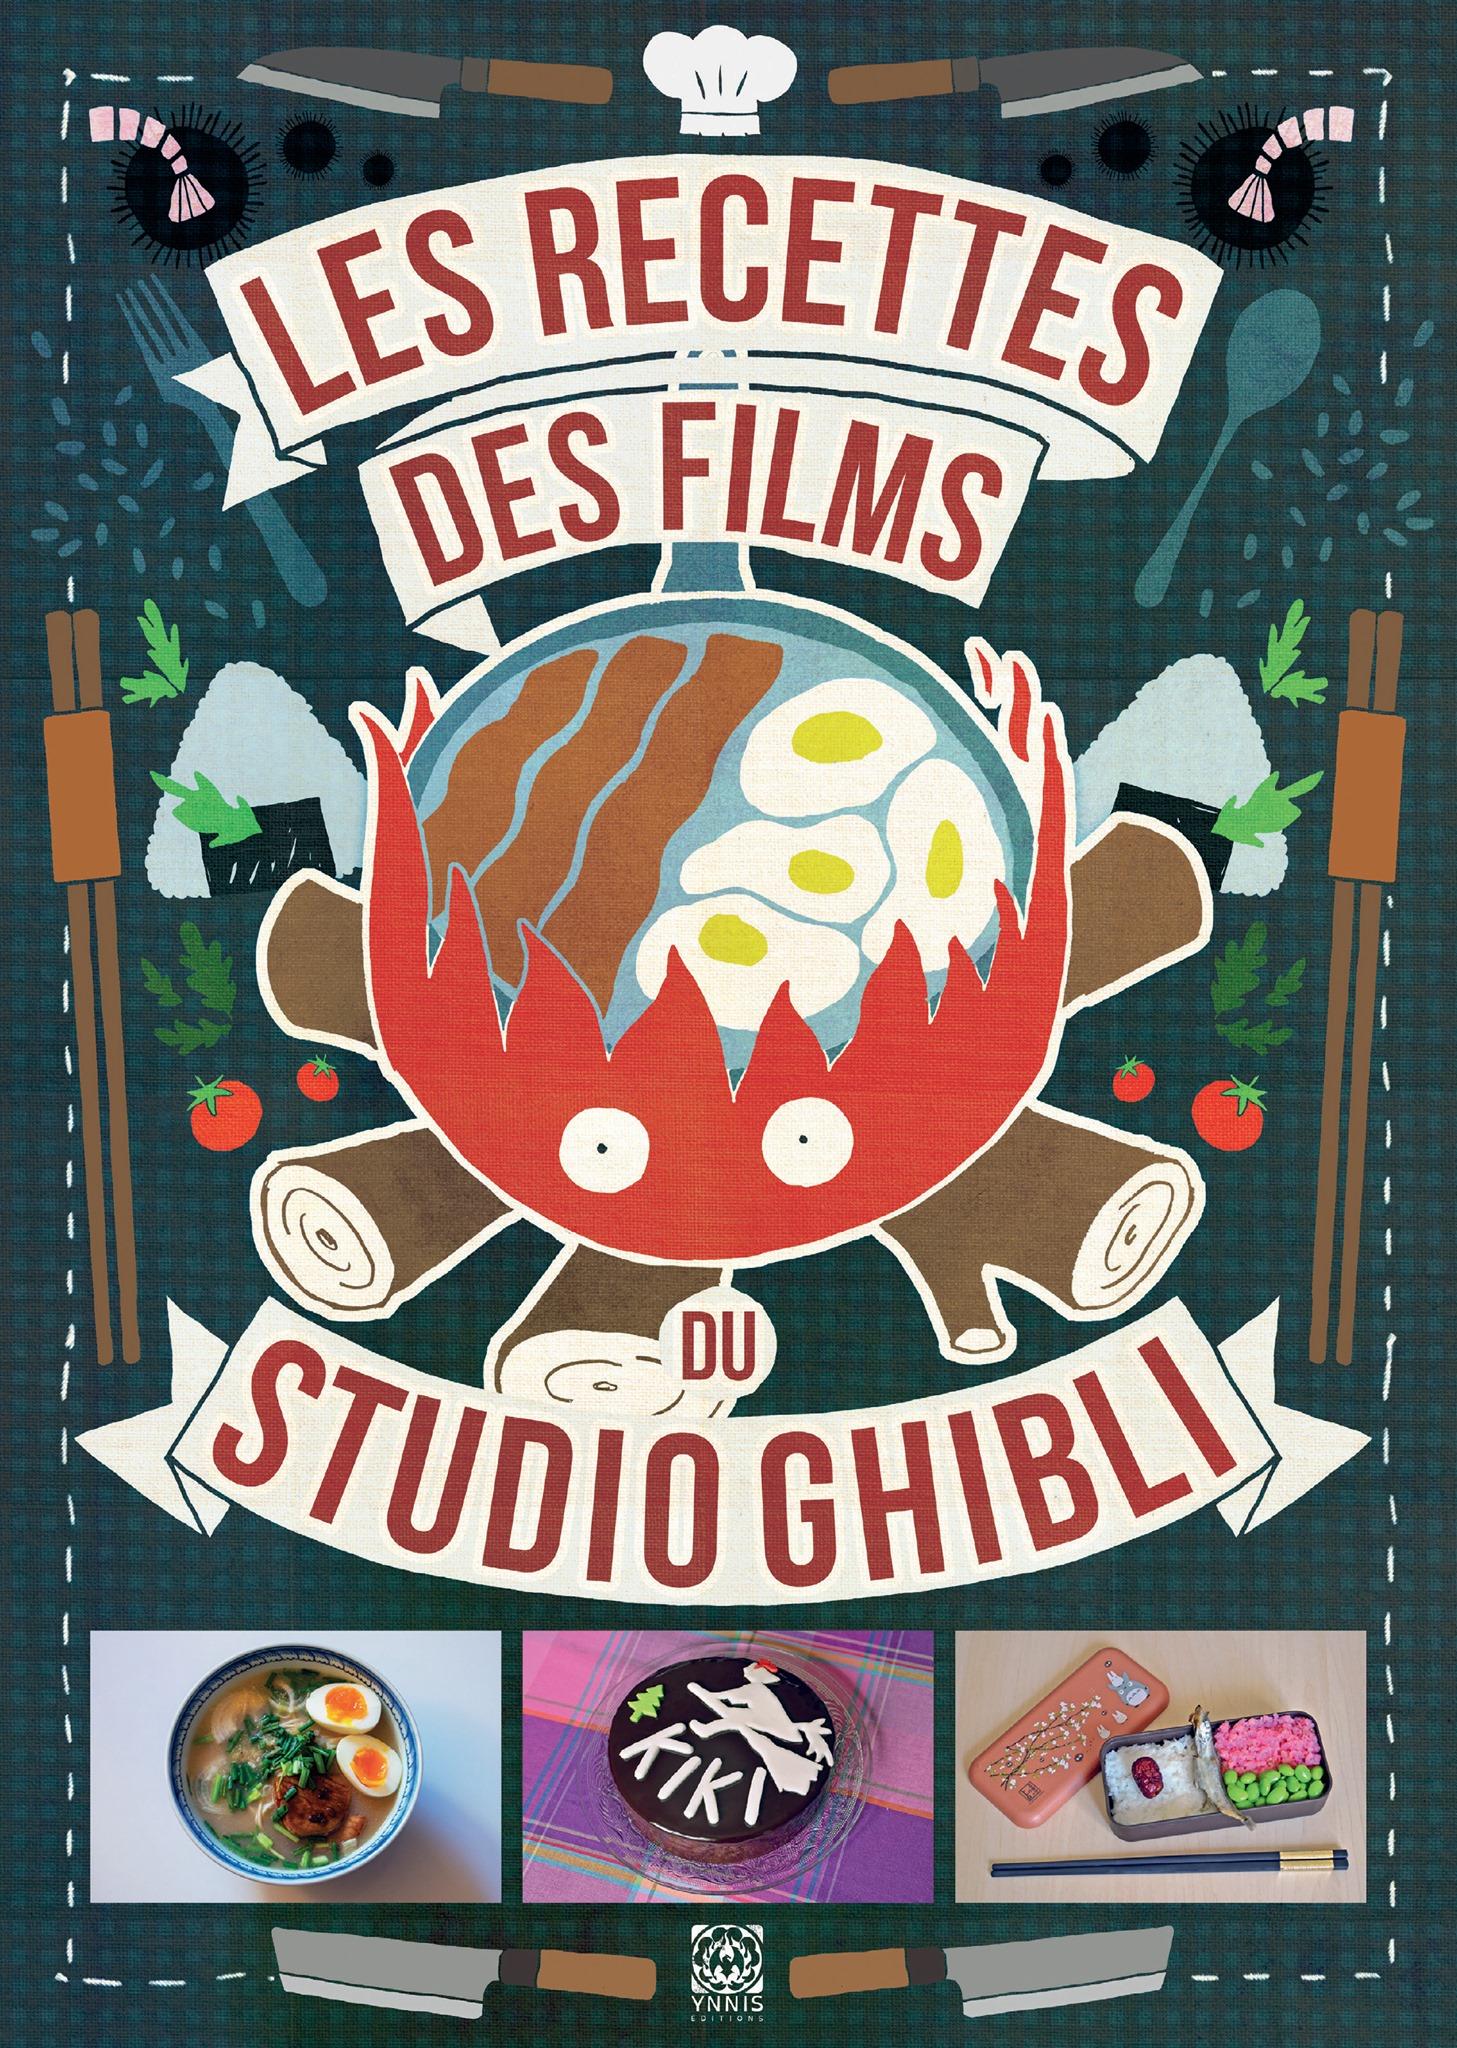 Les Recettes des films du Studio Ghibli couverture recto